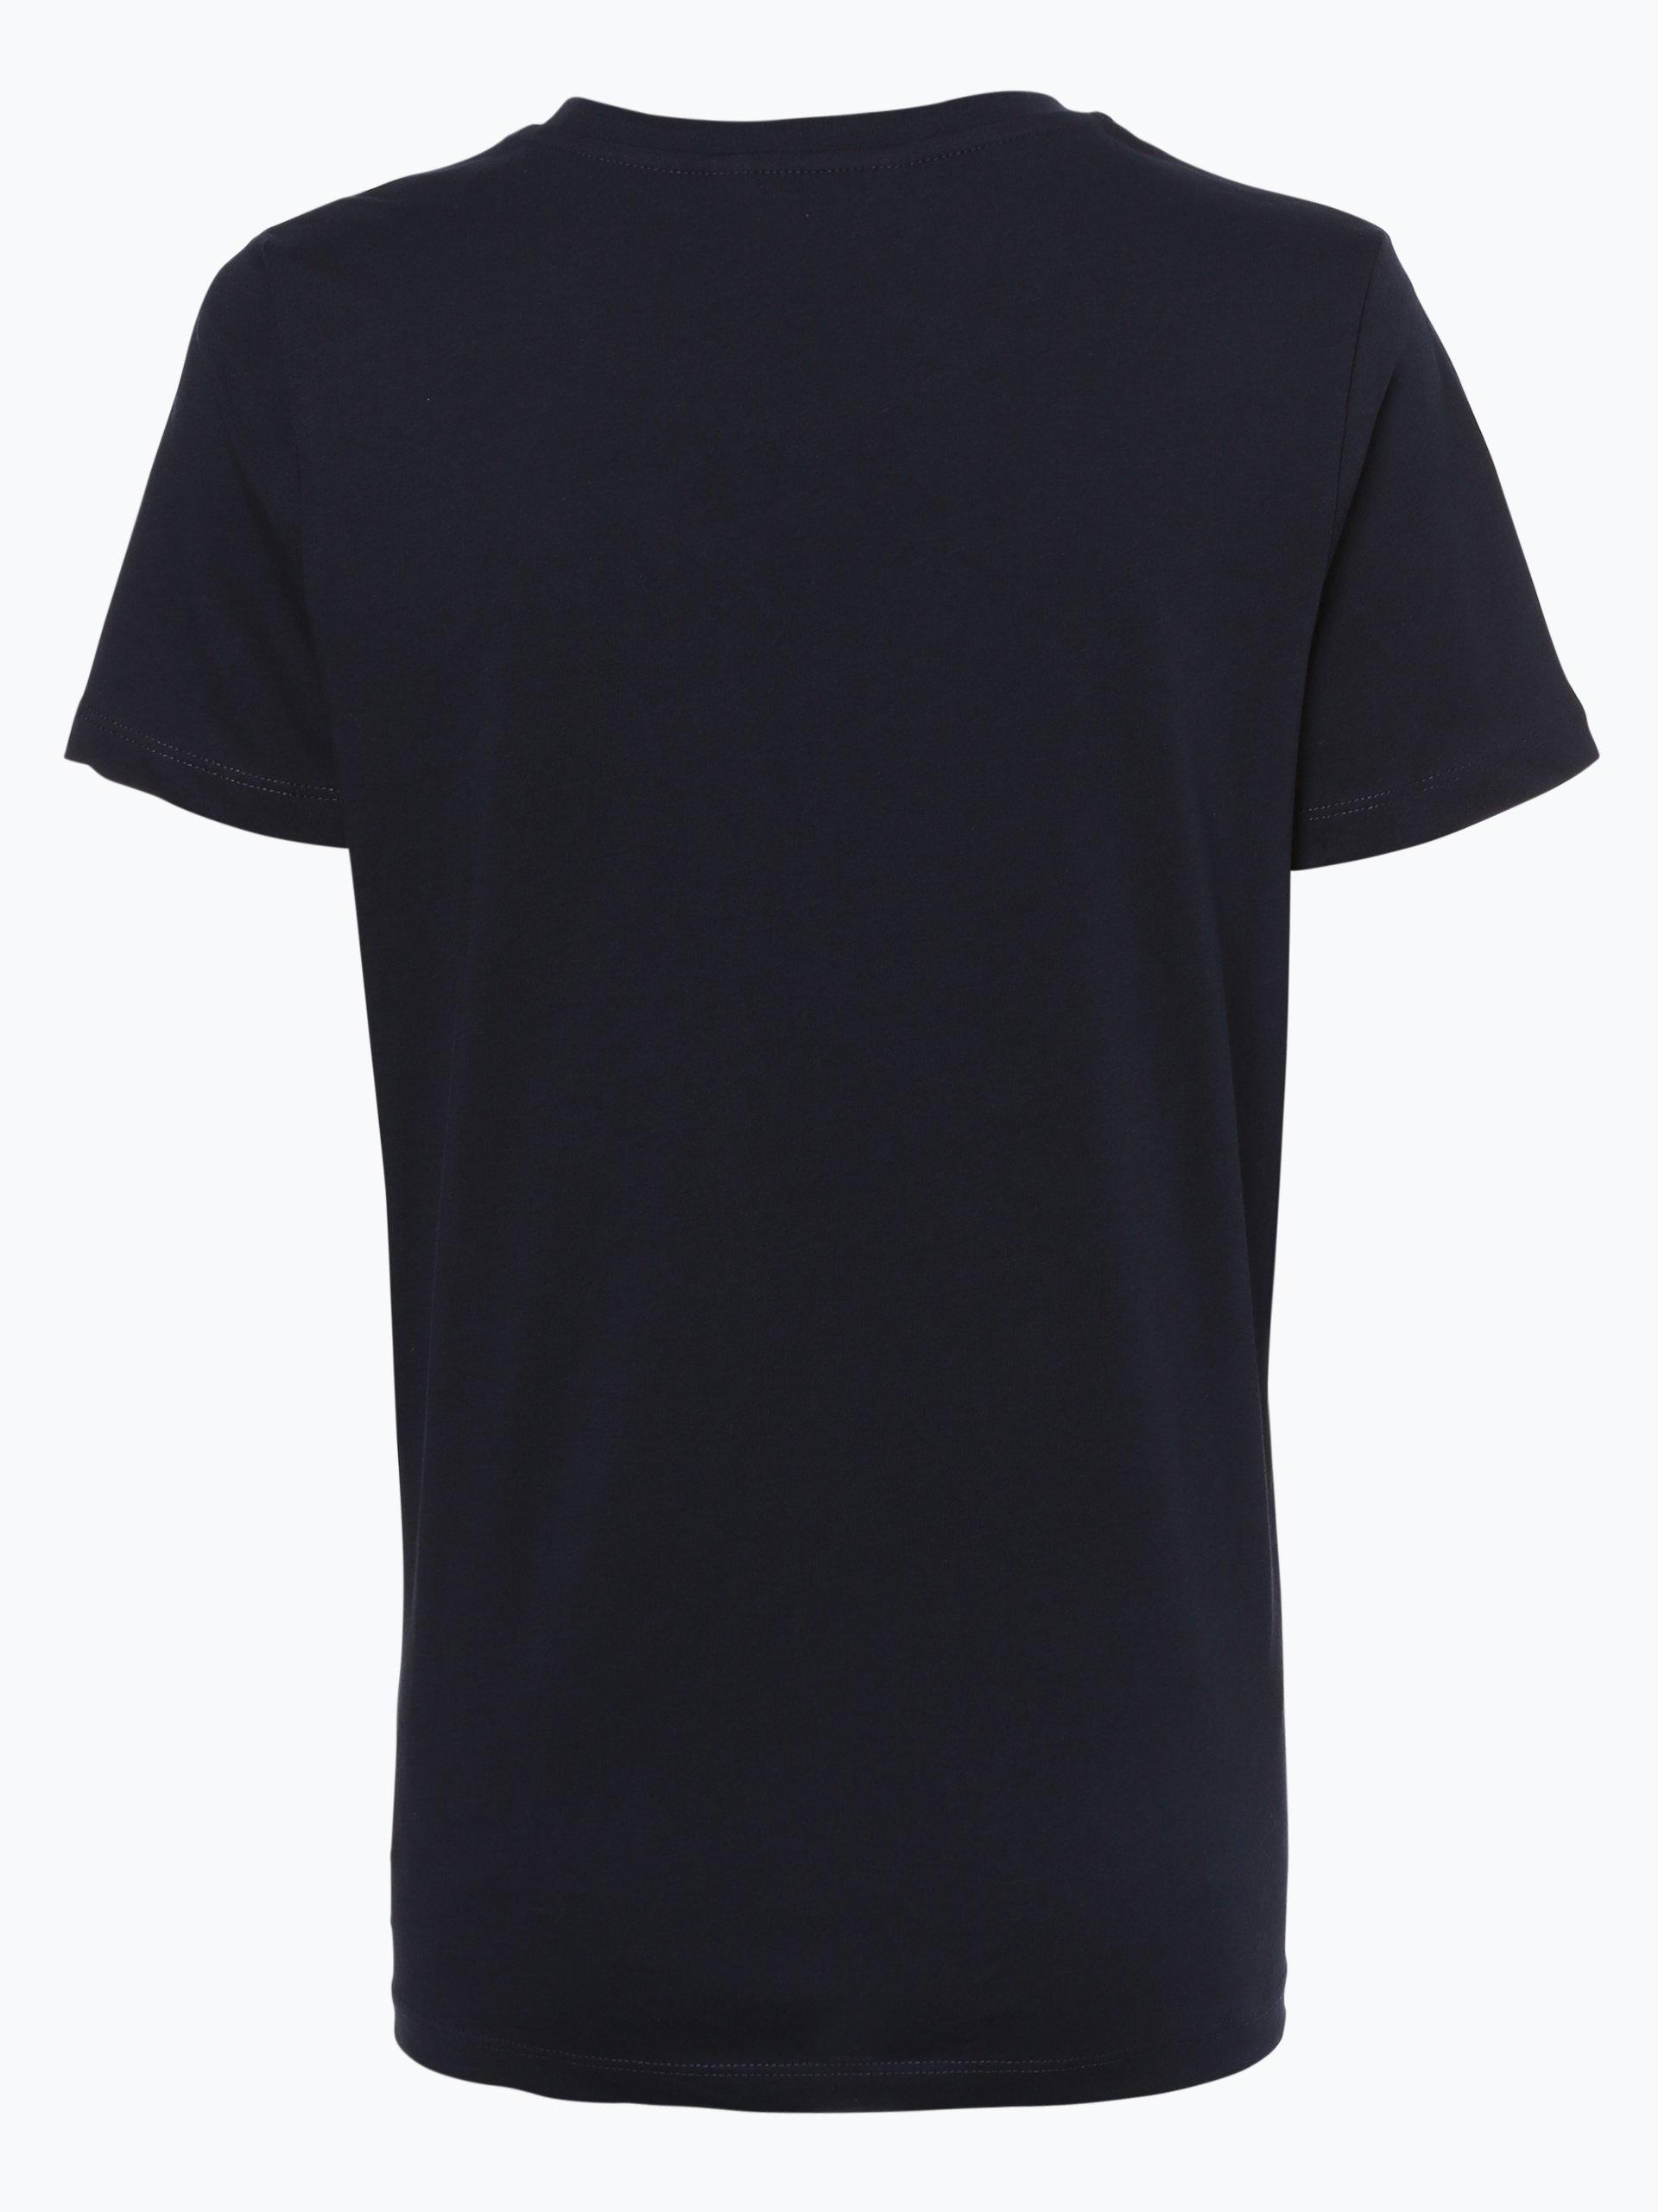 tommy hilfiger damen t shirt effy marine uni online. Black Bedroom Furniture Sets. Home Design Ideas